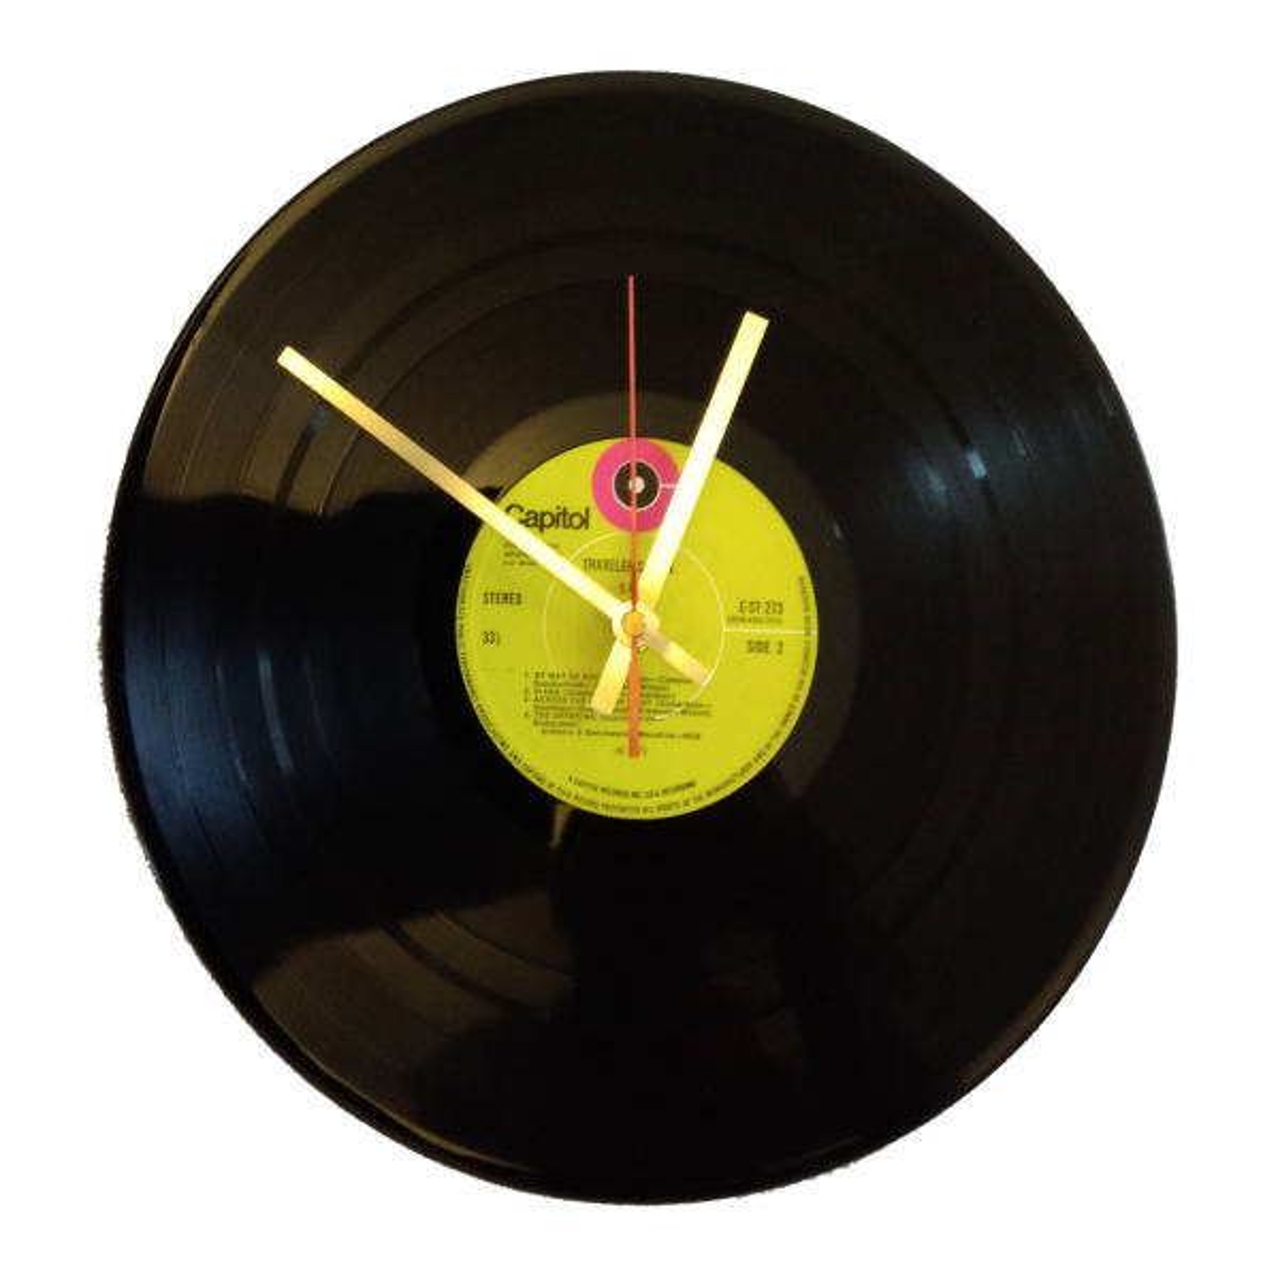 ساعت صفحه گرام 33 دور مدل تراولرز تیل سایز40 × 40